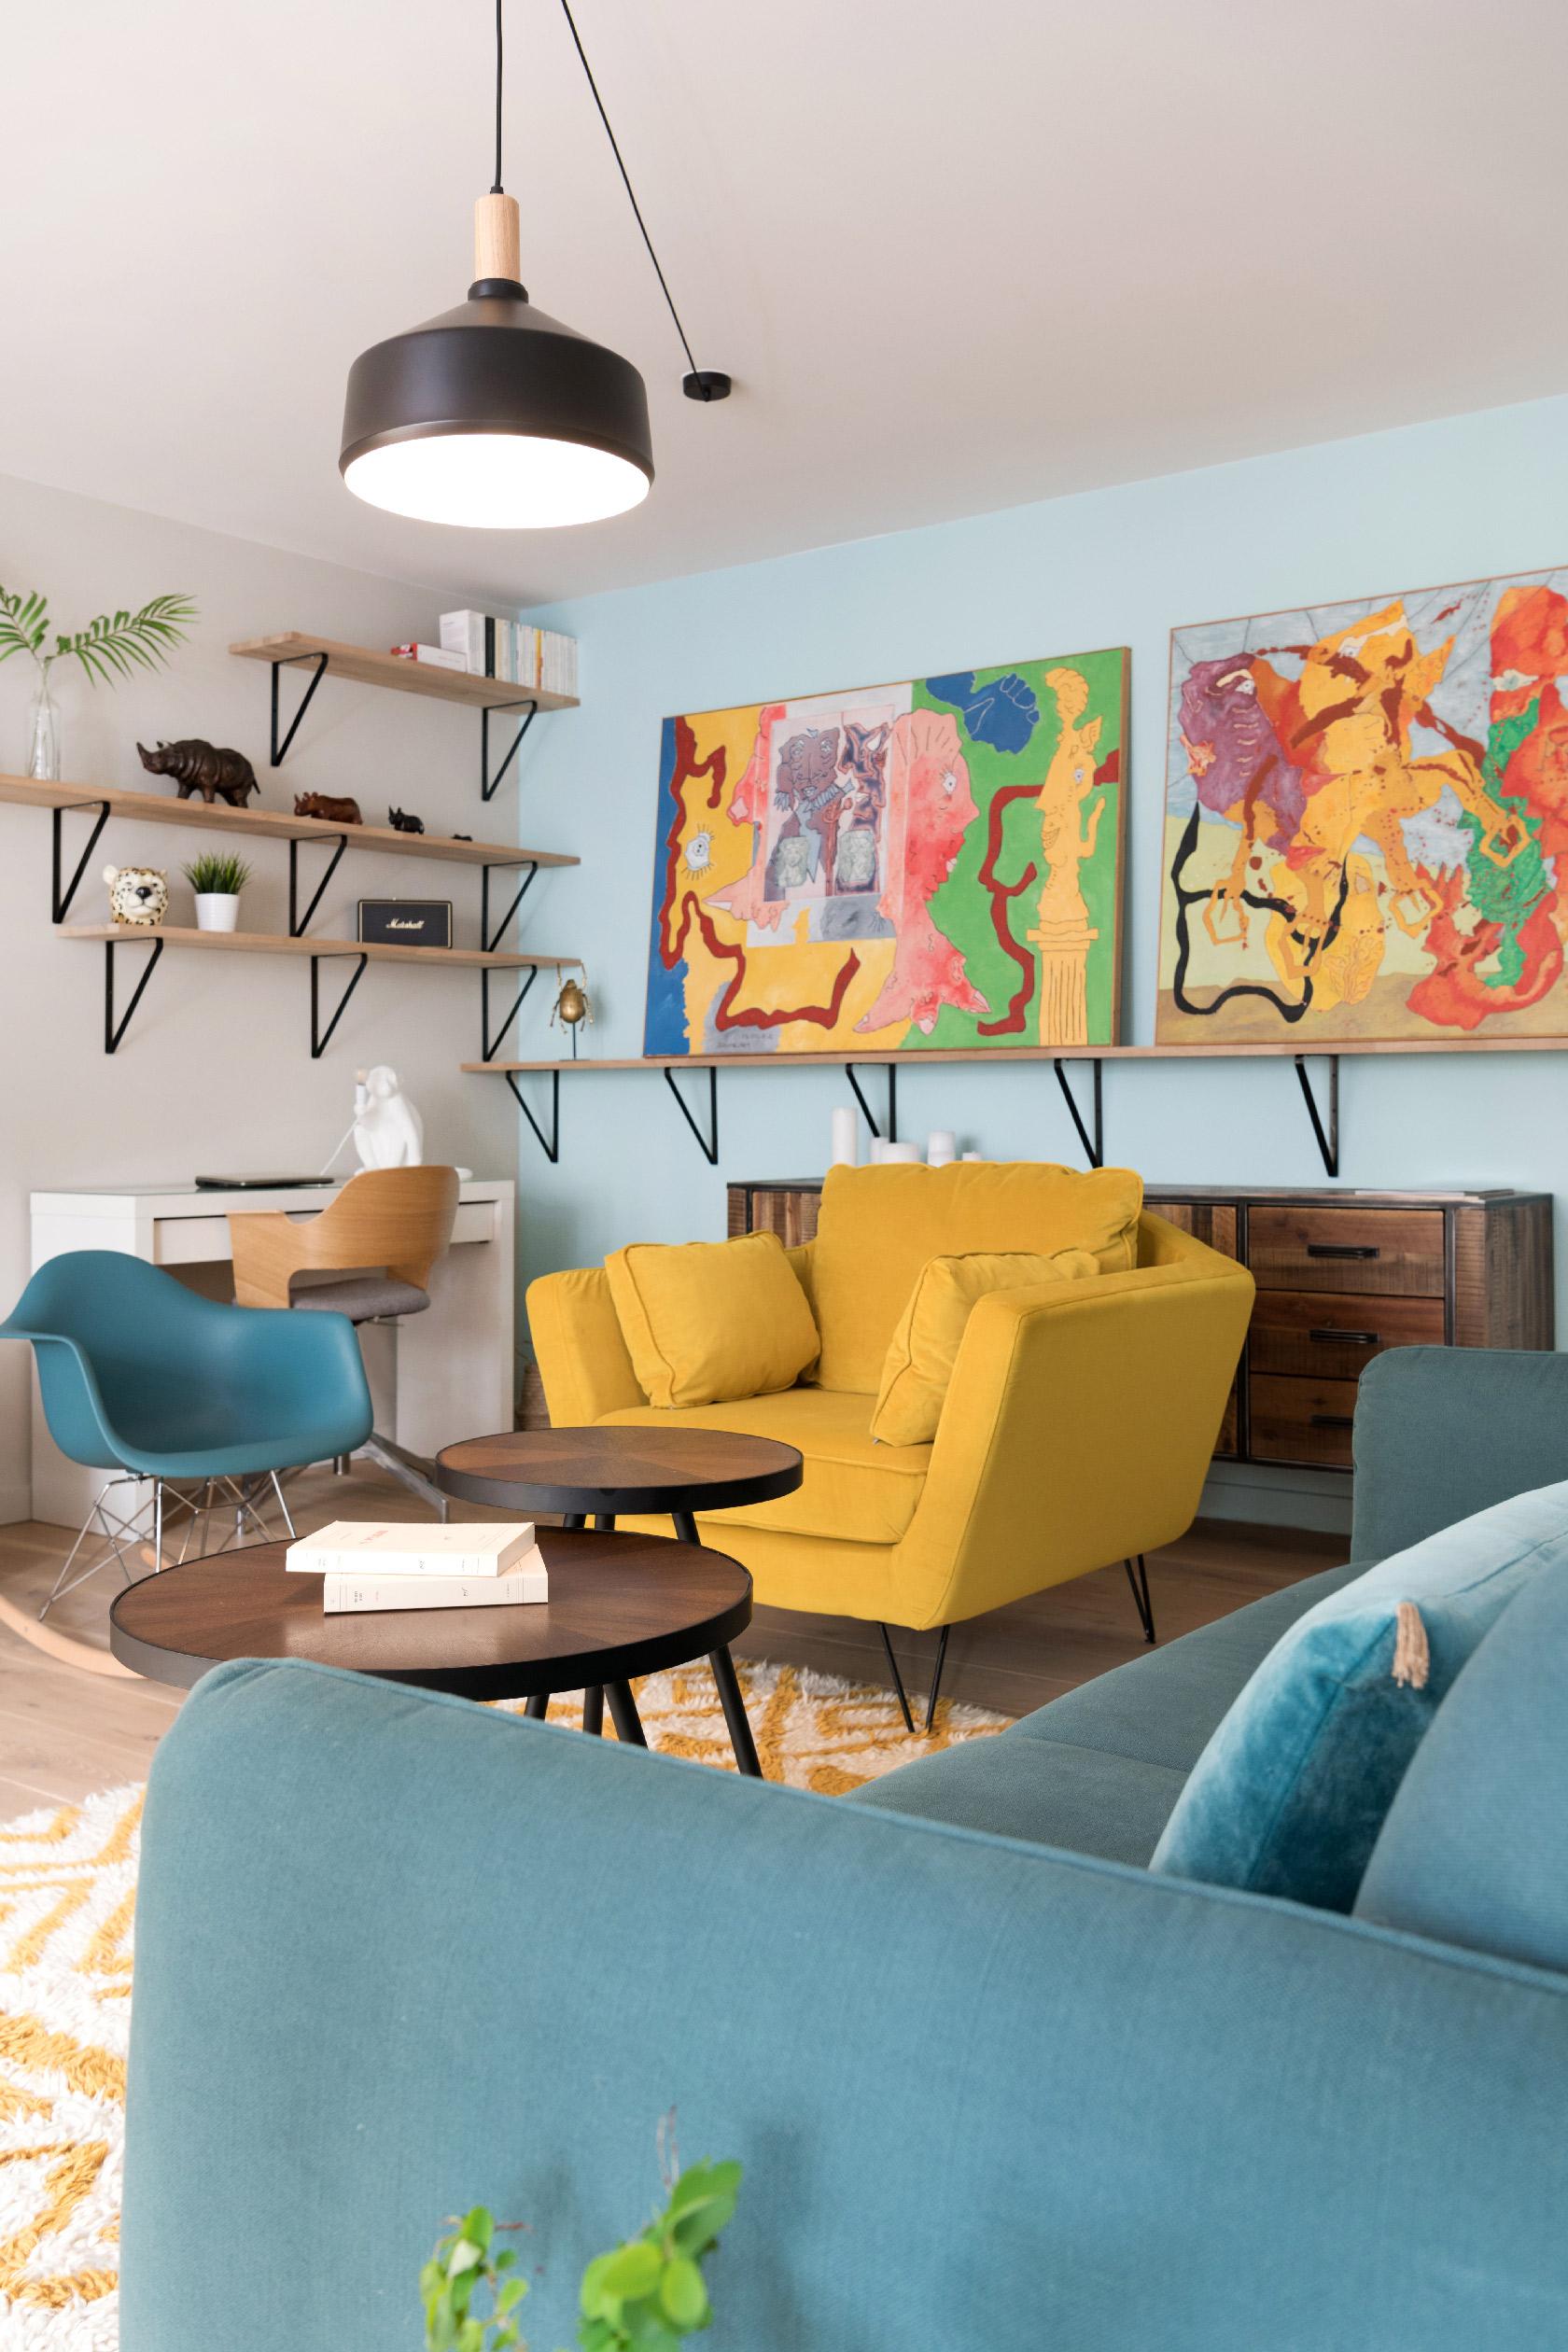 Le petit salon est quant à lui très coloré avec son canapé bleu canard et son fauteuil jaune.